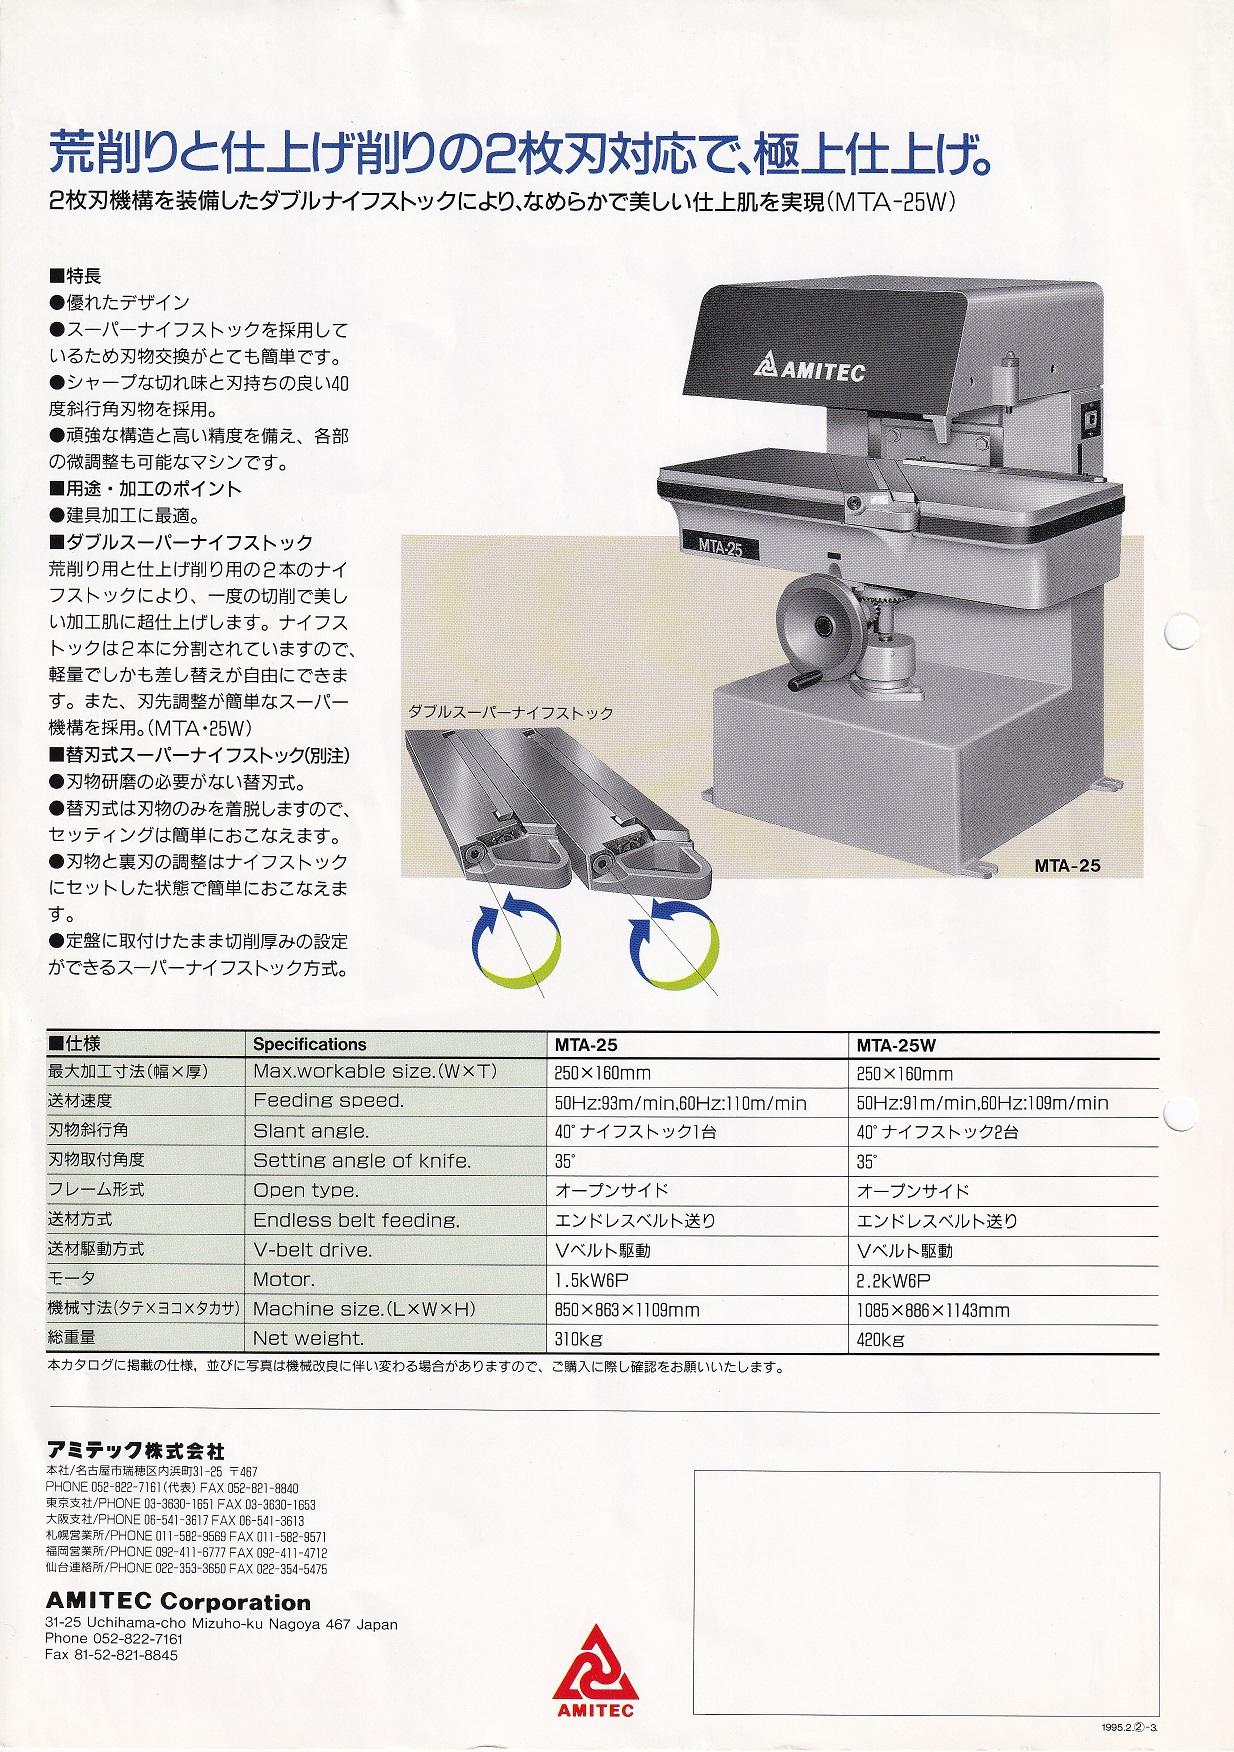 中古木工機械 超仕上げ鉋盤